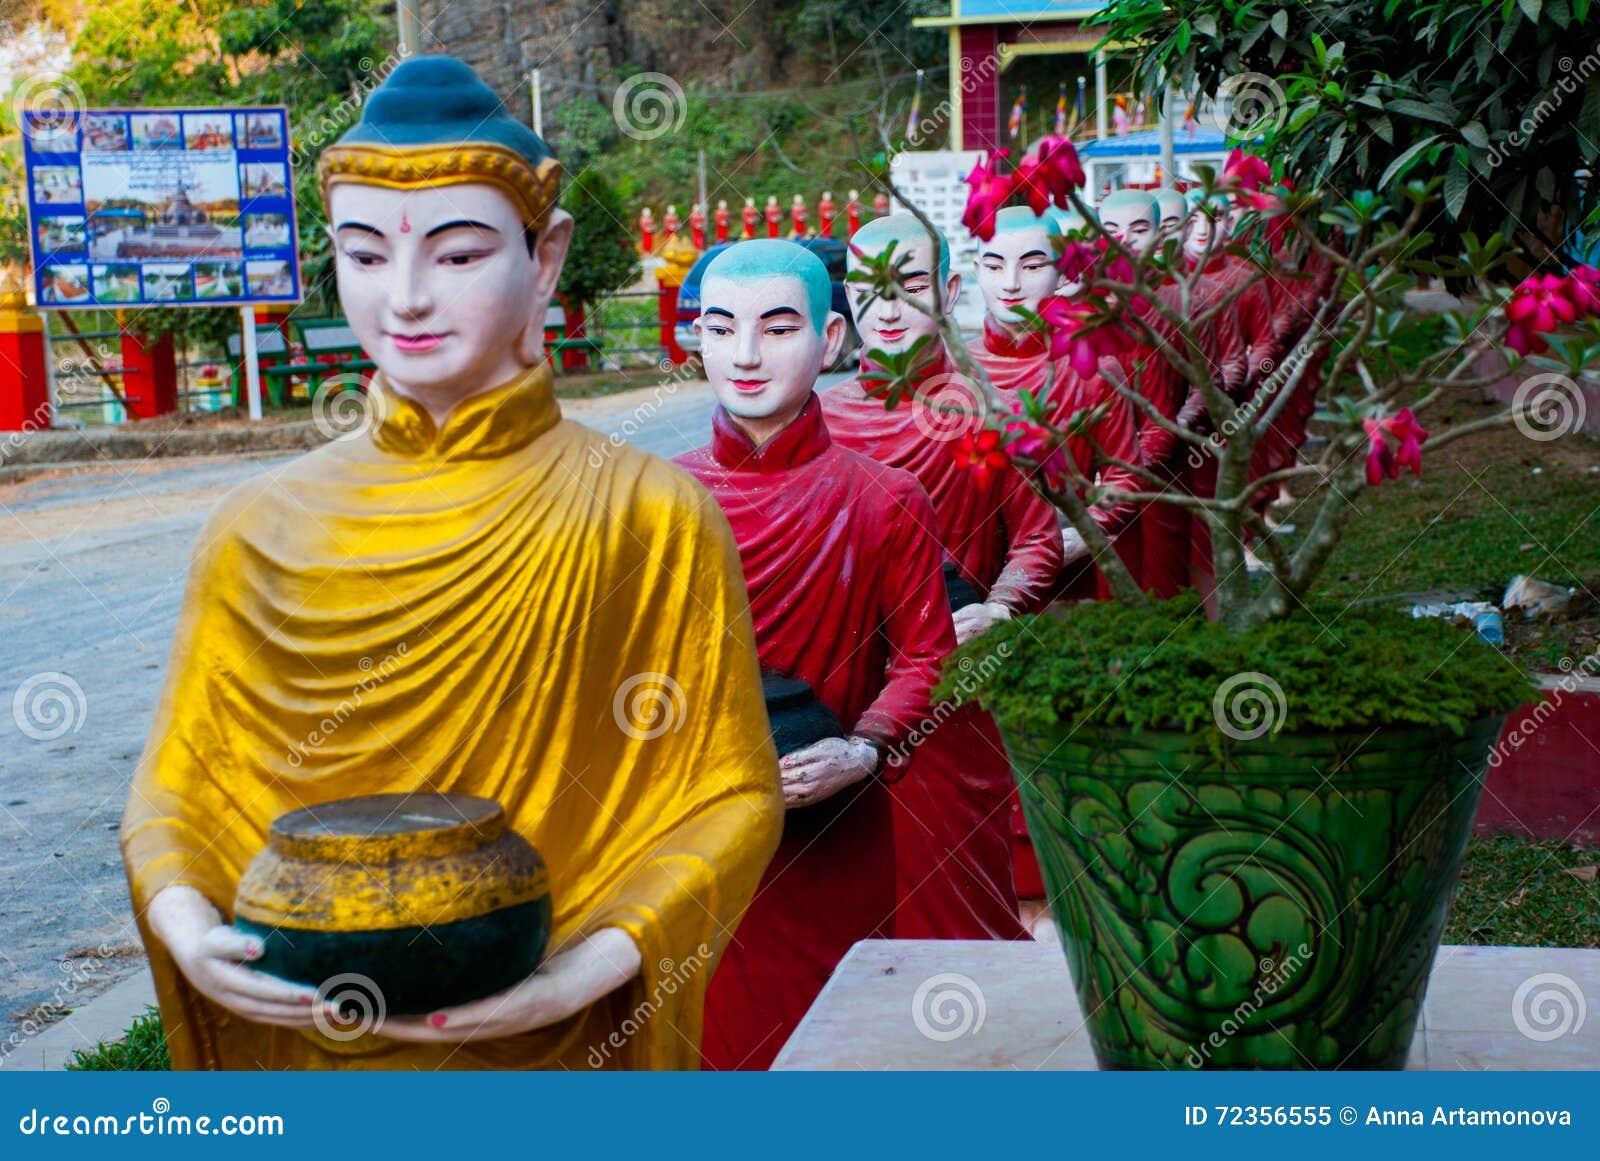 互相面对修士的许多雕塑入口的对神圣的洞 Hpa-An,缅甸 缅甸